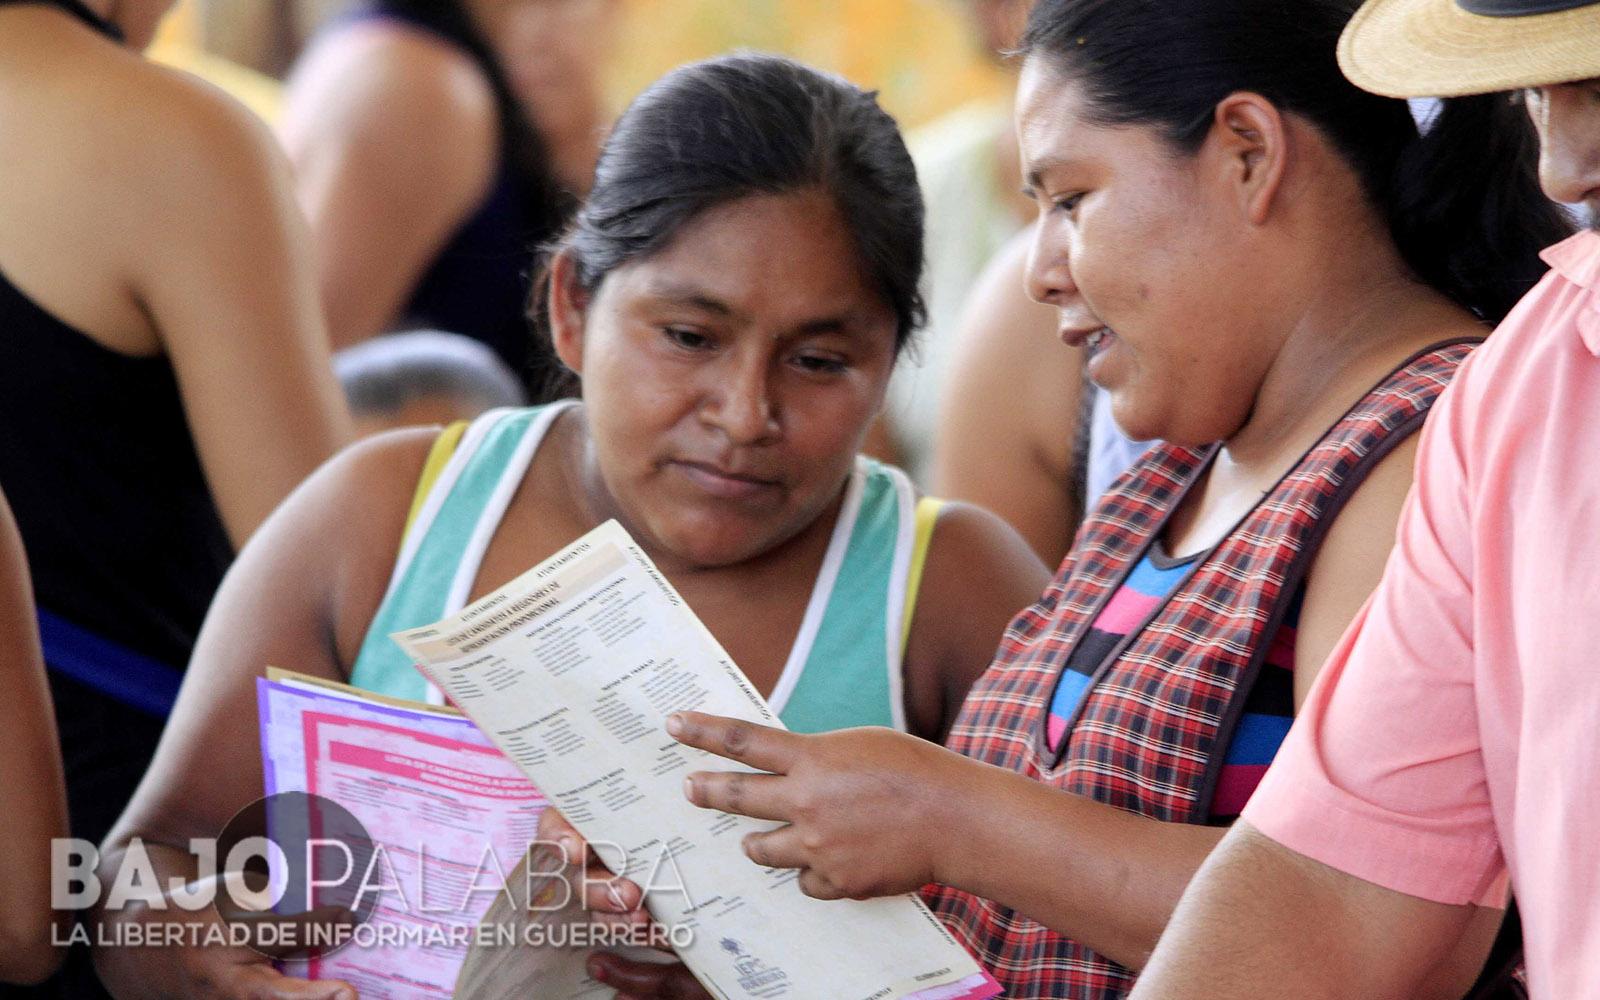 Fuerzas federales inhibieron voto femenino en Guerrero